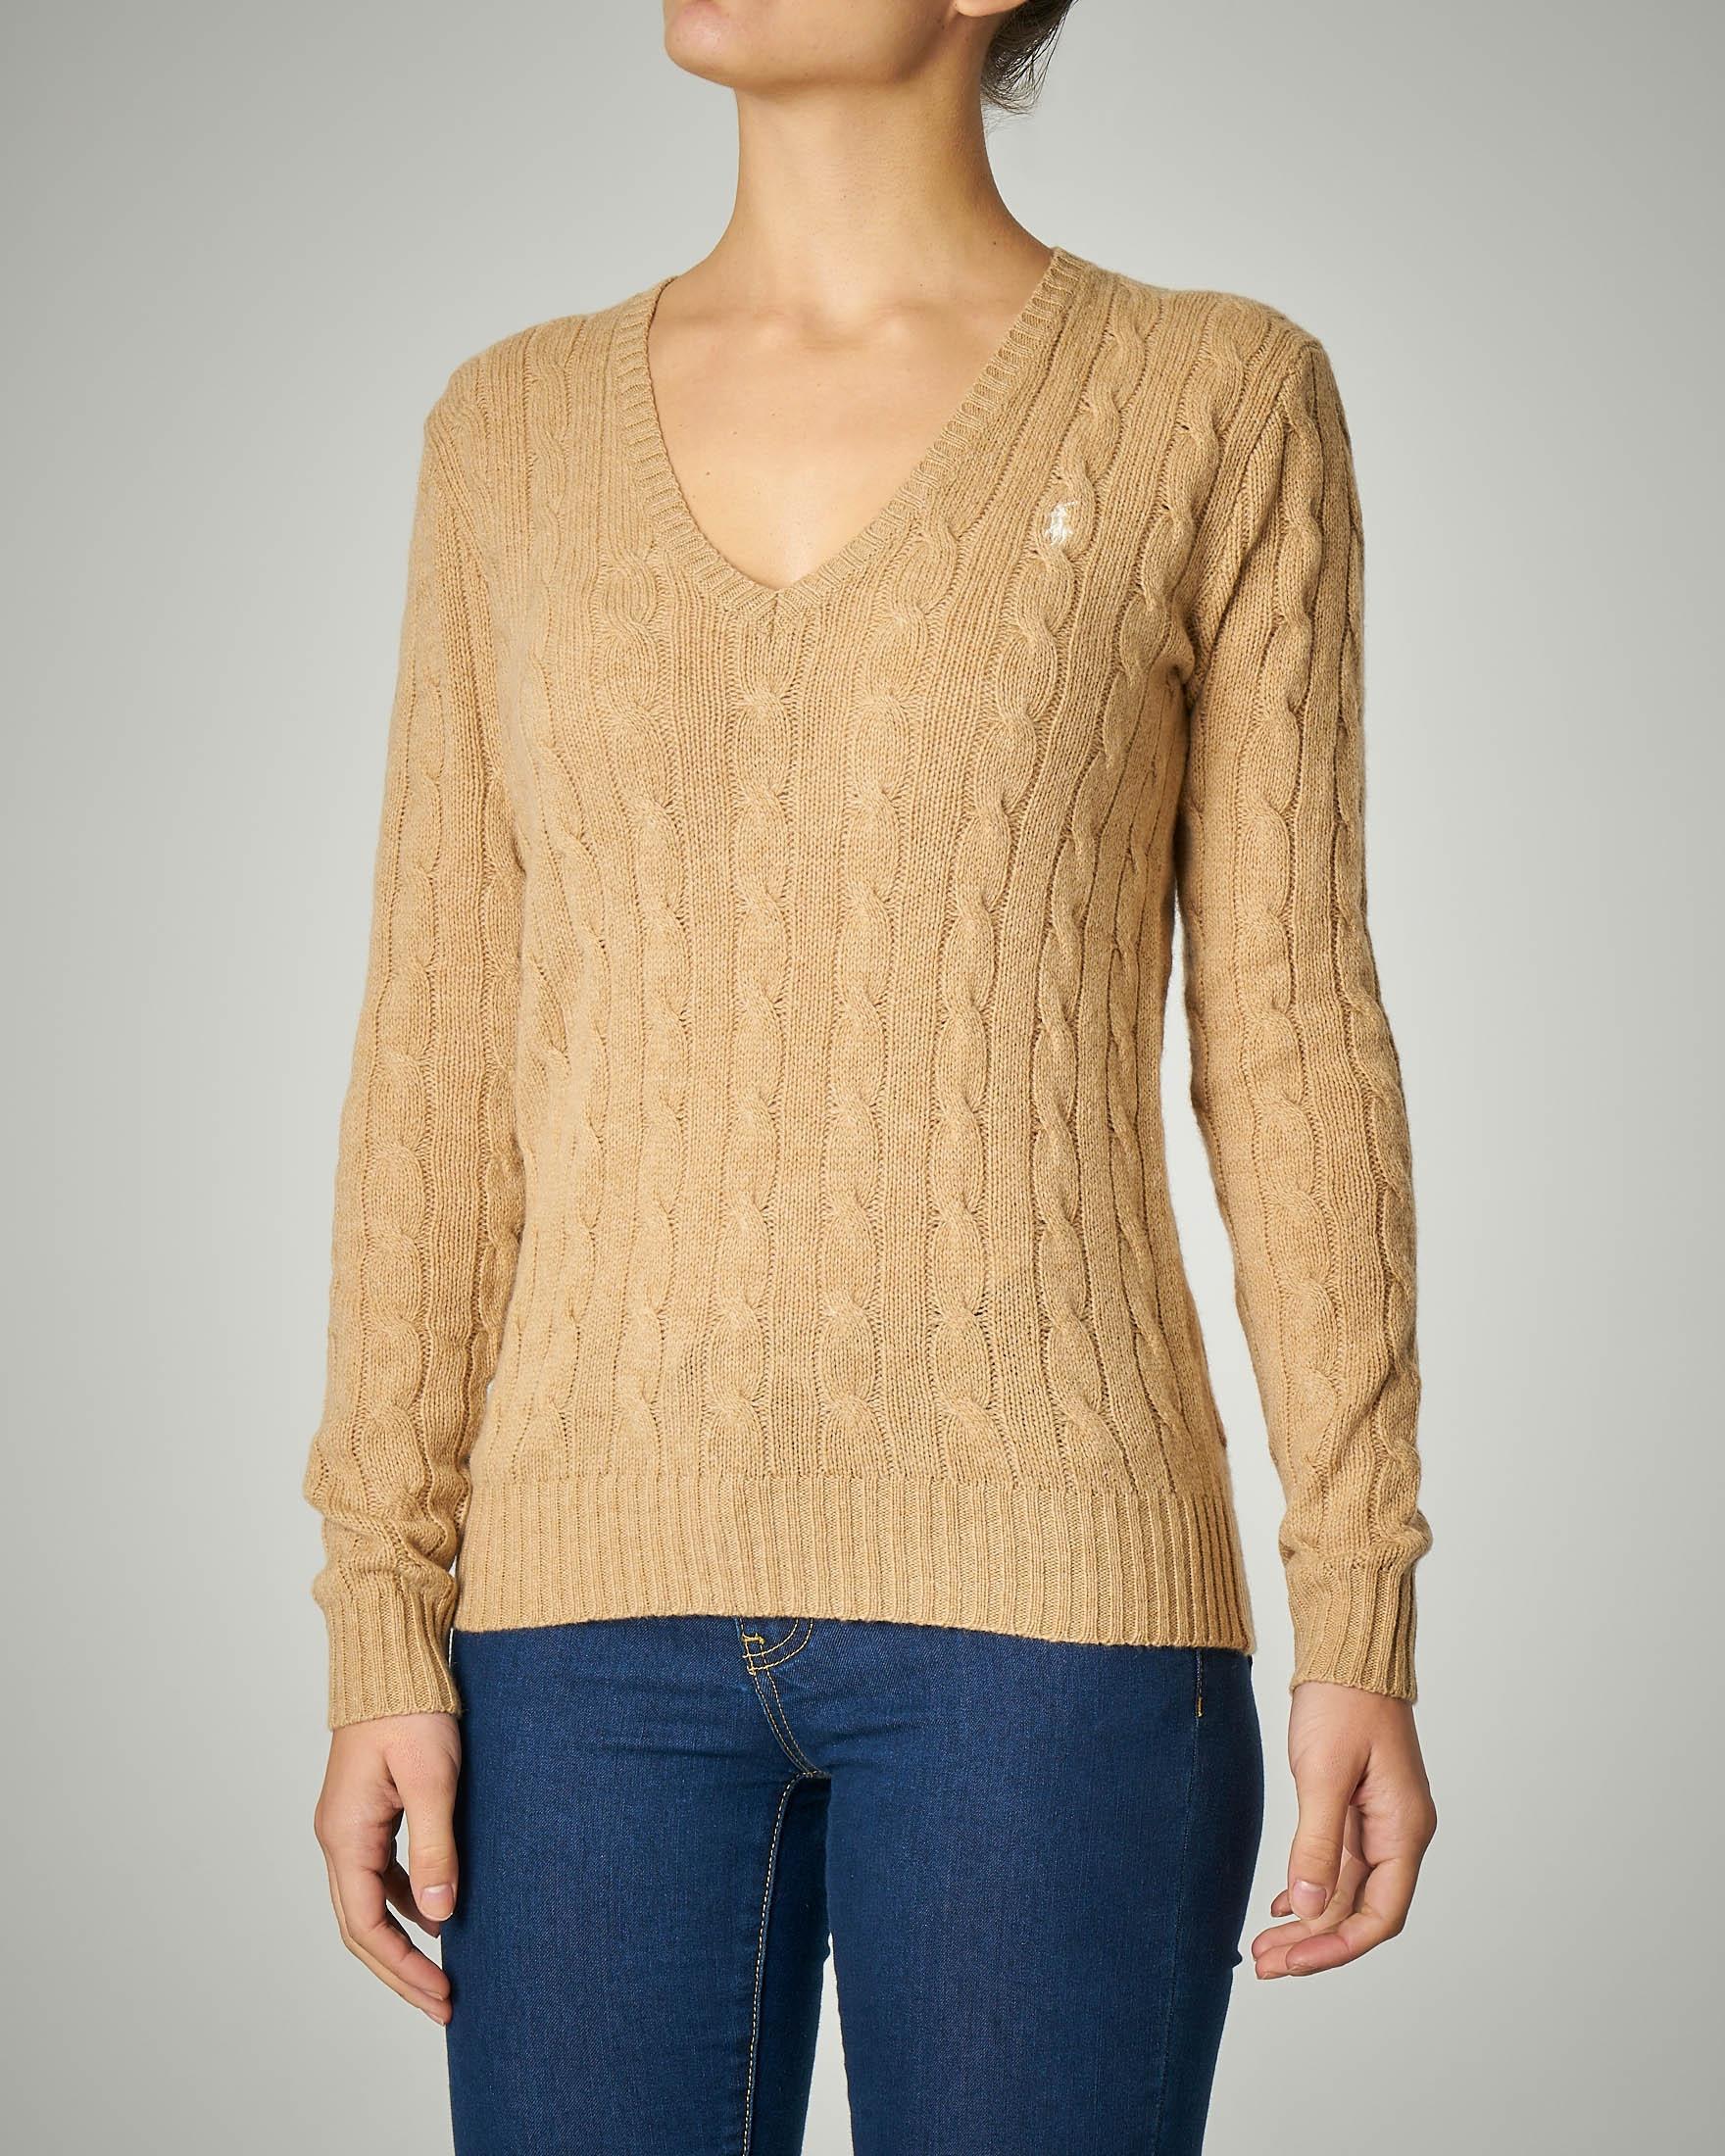 Maglia a trecce in lana e cashmere scollo a V color cammello